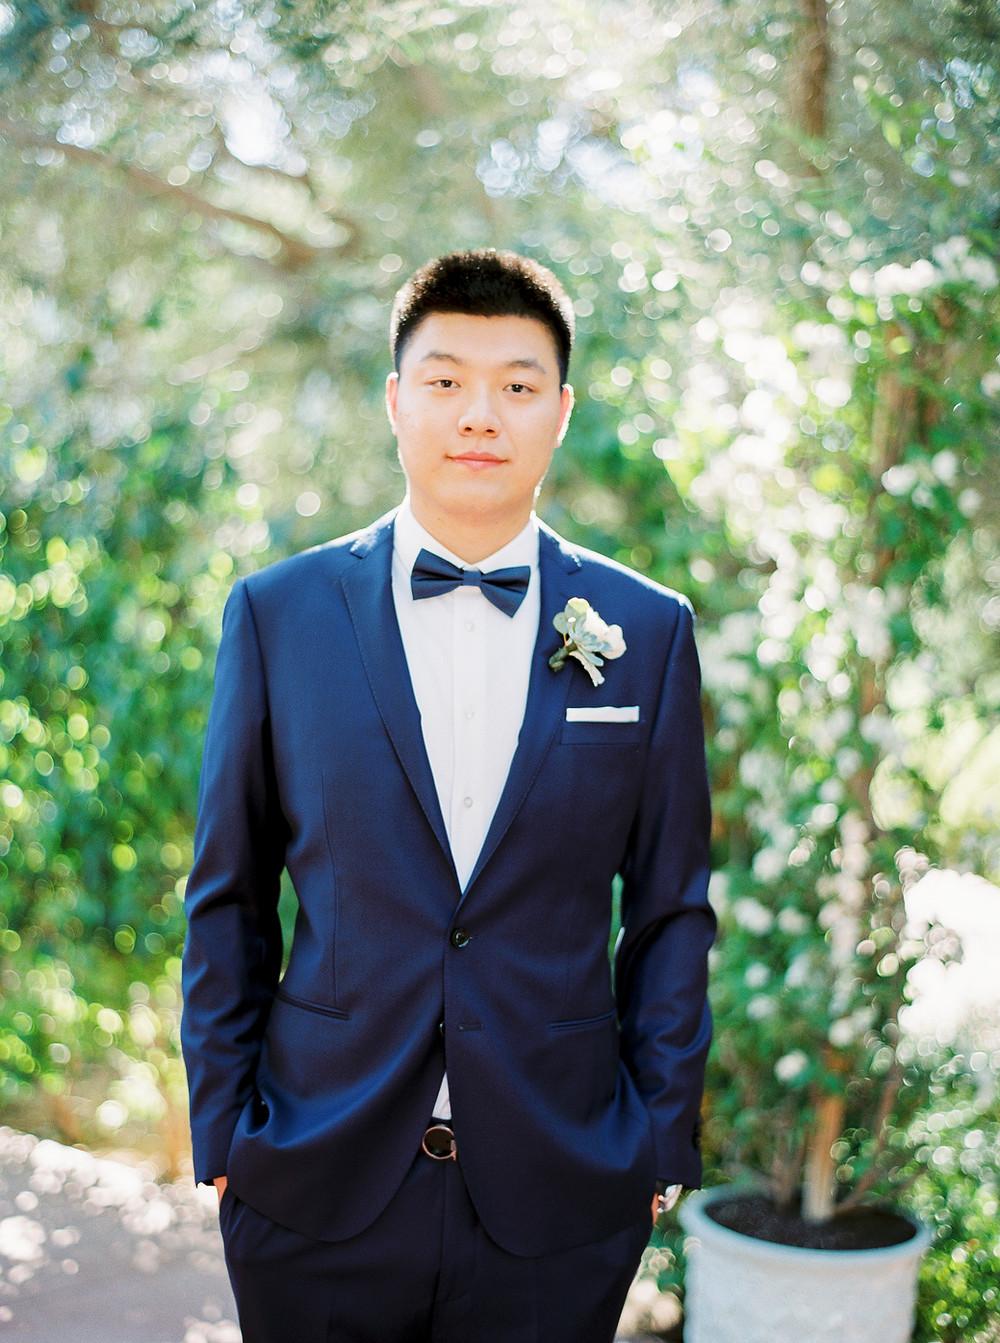 El Chorro Wedding, Traditional Chinese Wedding, Groom